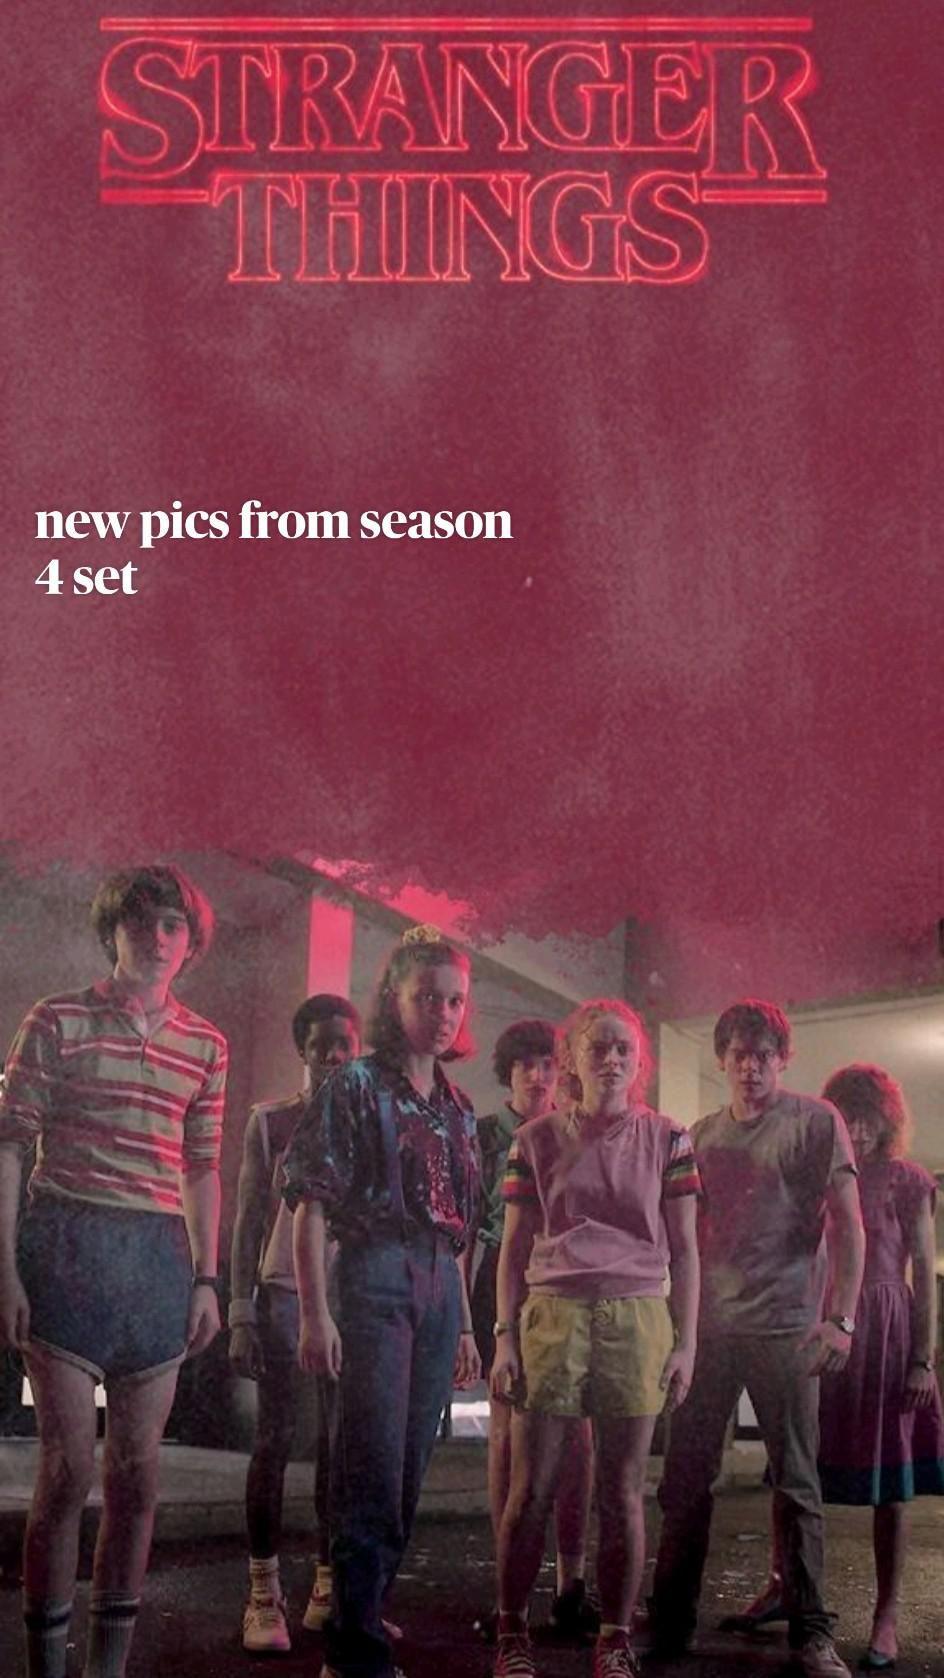 new pics from season 4 set